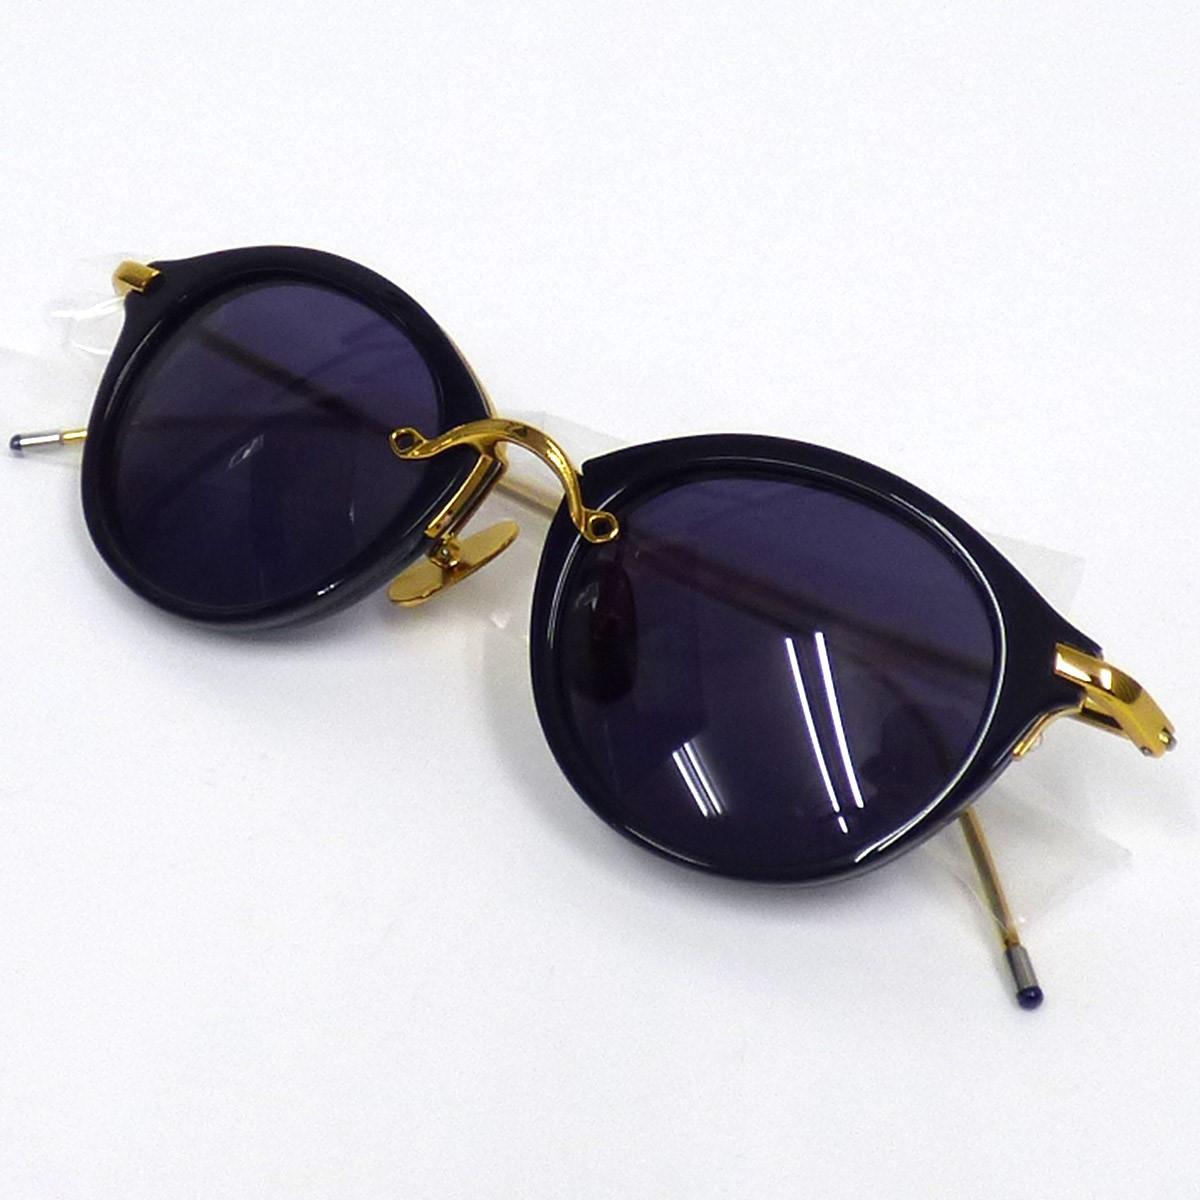 【中古】Tei eyewear Tel4-01Ns Boston Sunglassesボストンフレームサングラスメガネ ネイビー サイズ:46□20 【231019】(テイアイウェア)